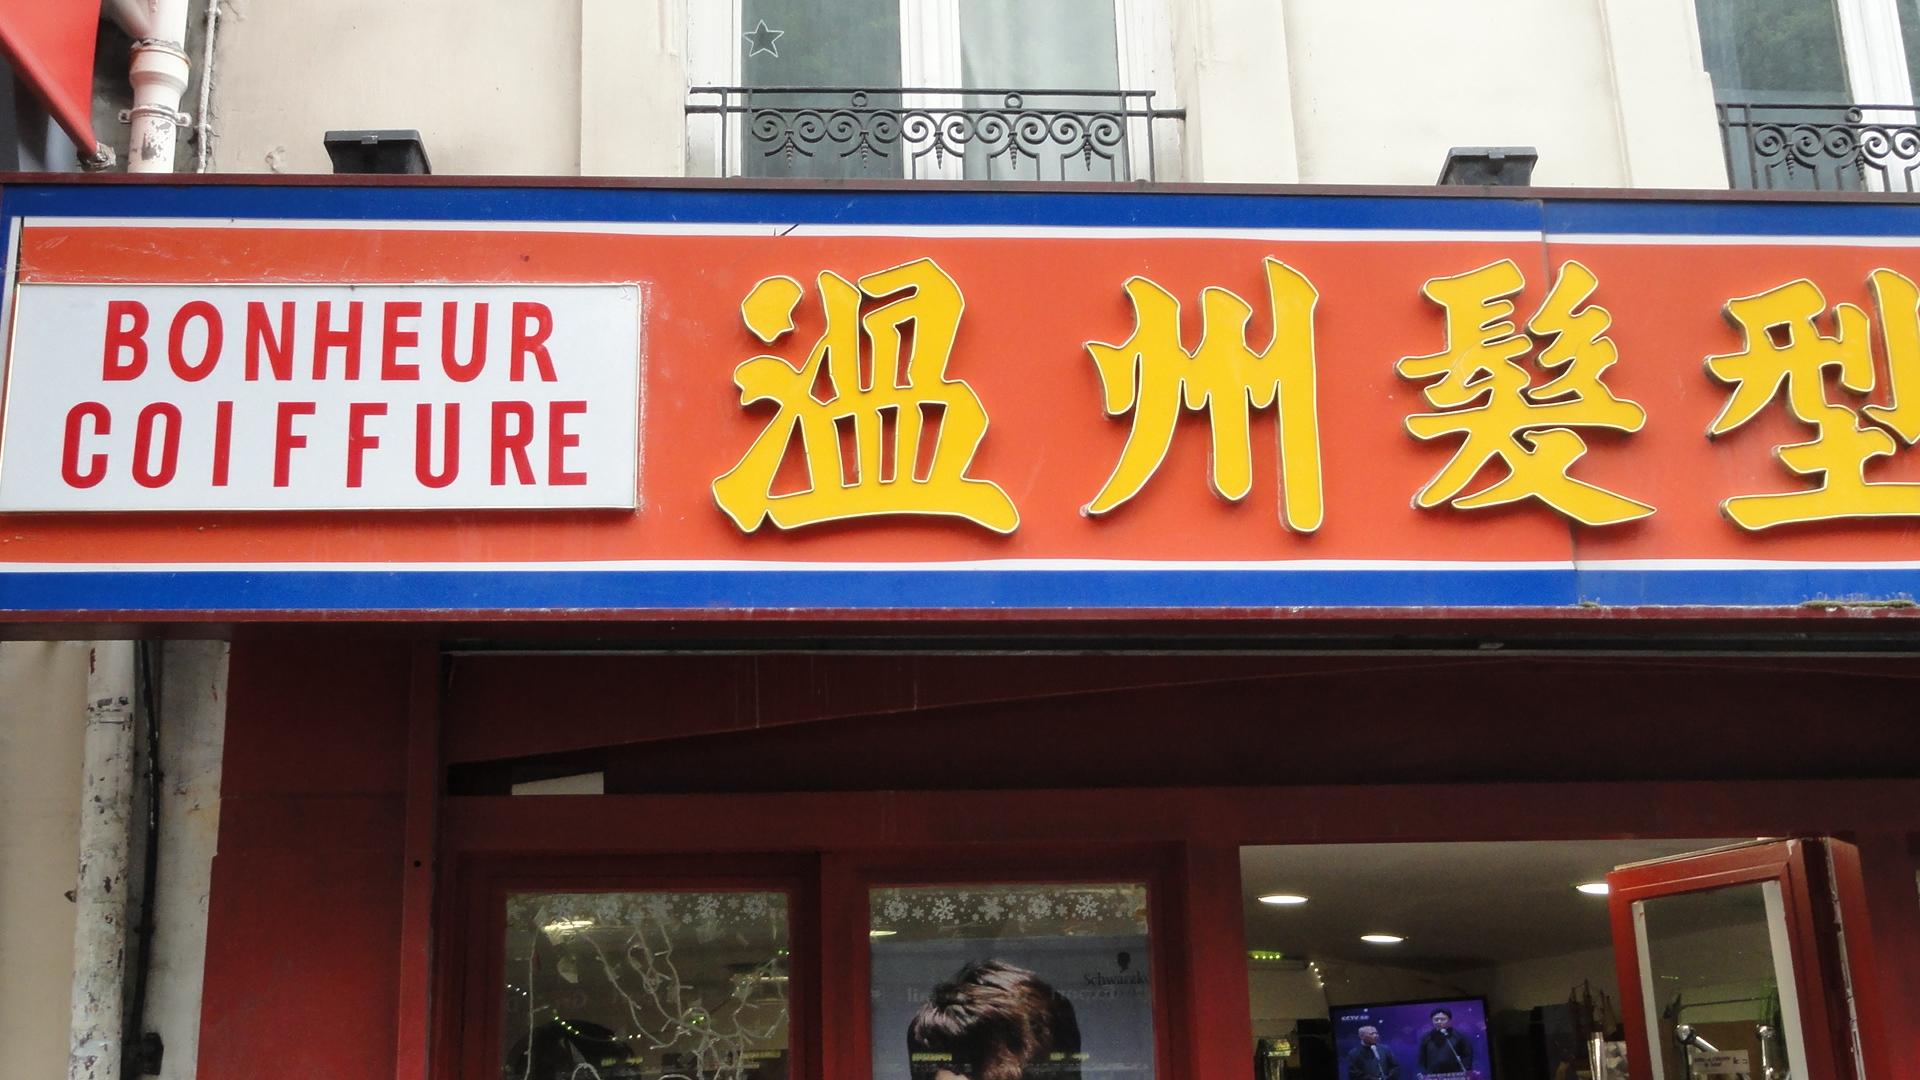 L'Asie rue de Belleville - Enseigne - Bonheur Coiffure